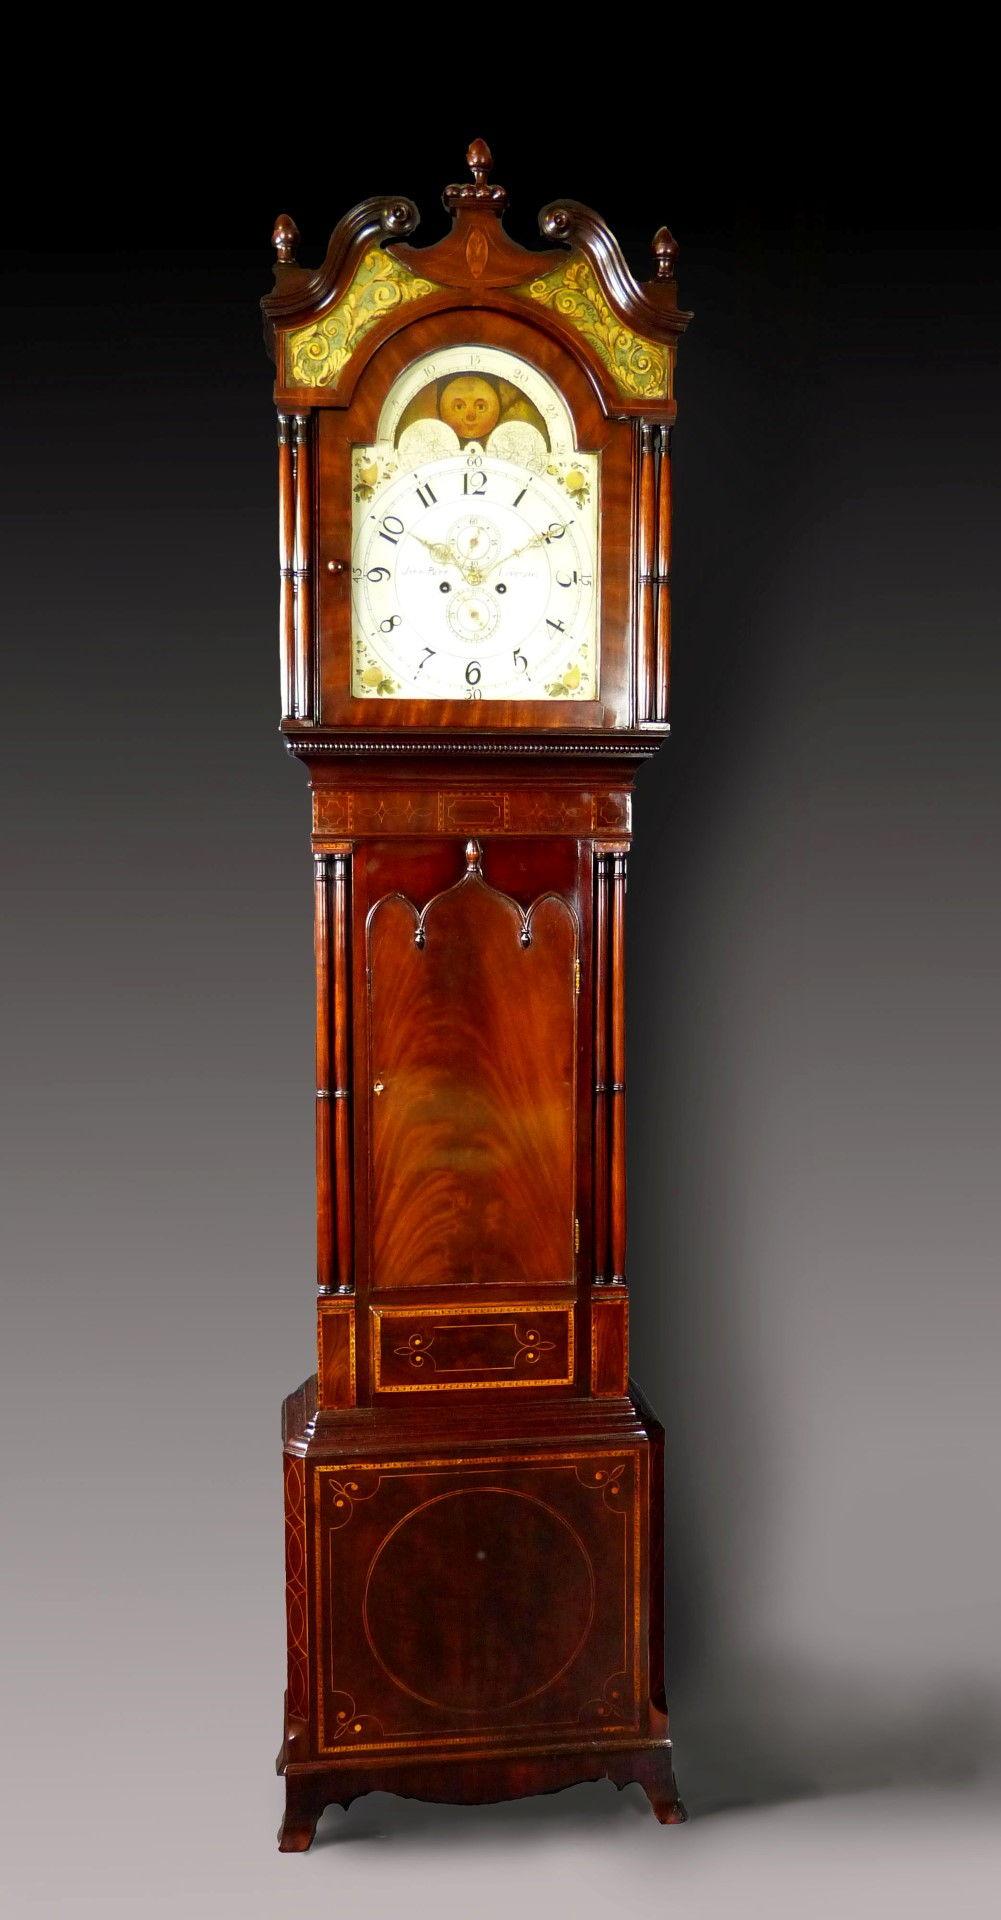 Relojes antiguos de pared dibujos for Relojes de pared antiguos de pendulo